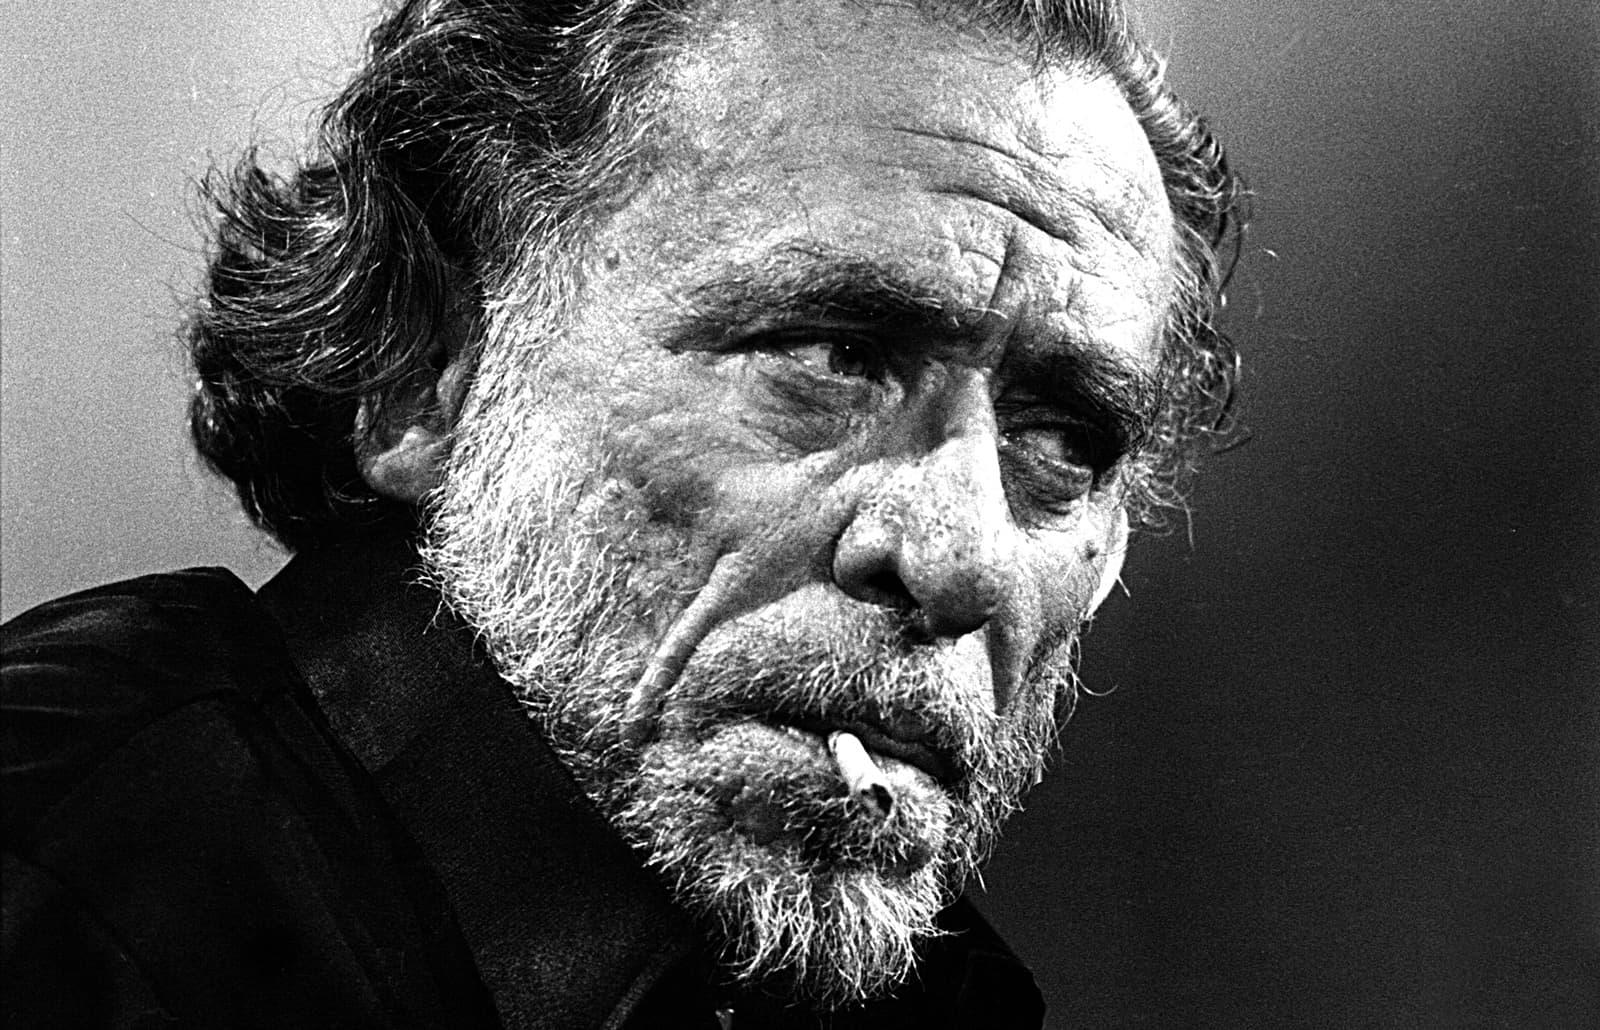 Charles Bukowski retratat a París, el setembre del 1978. Fotografia d'Ulf Andersen. Getty Images.